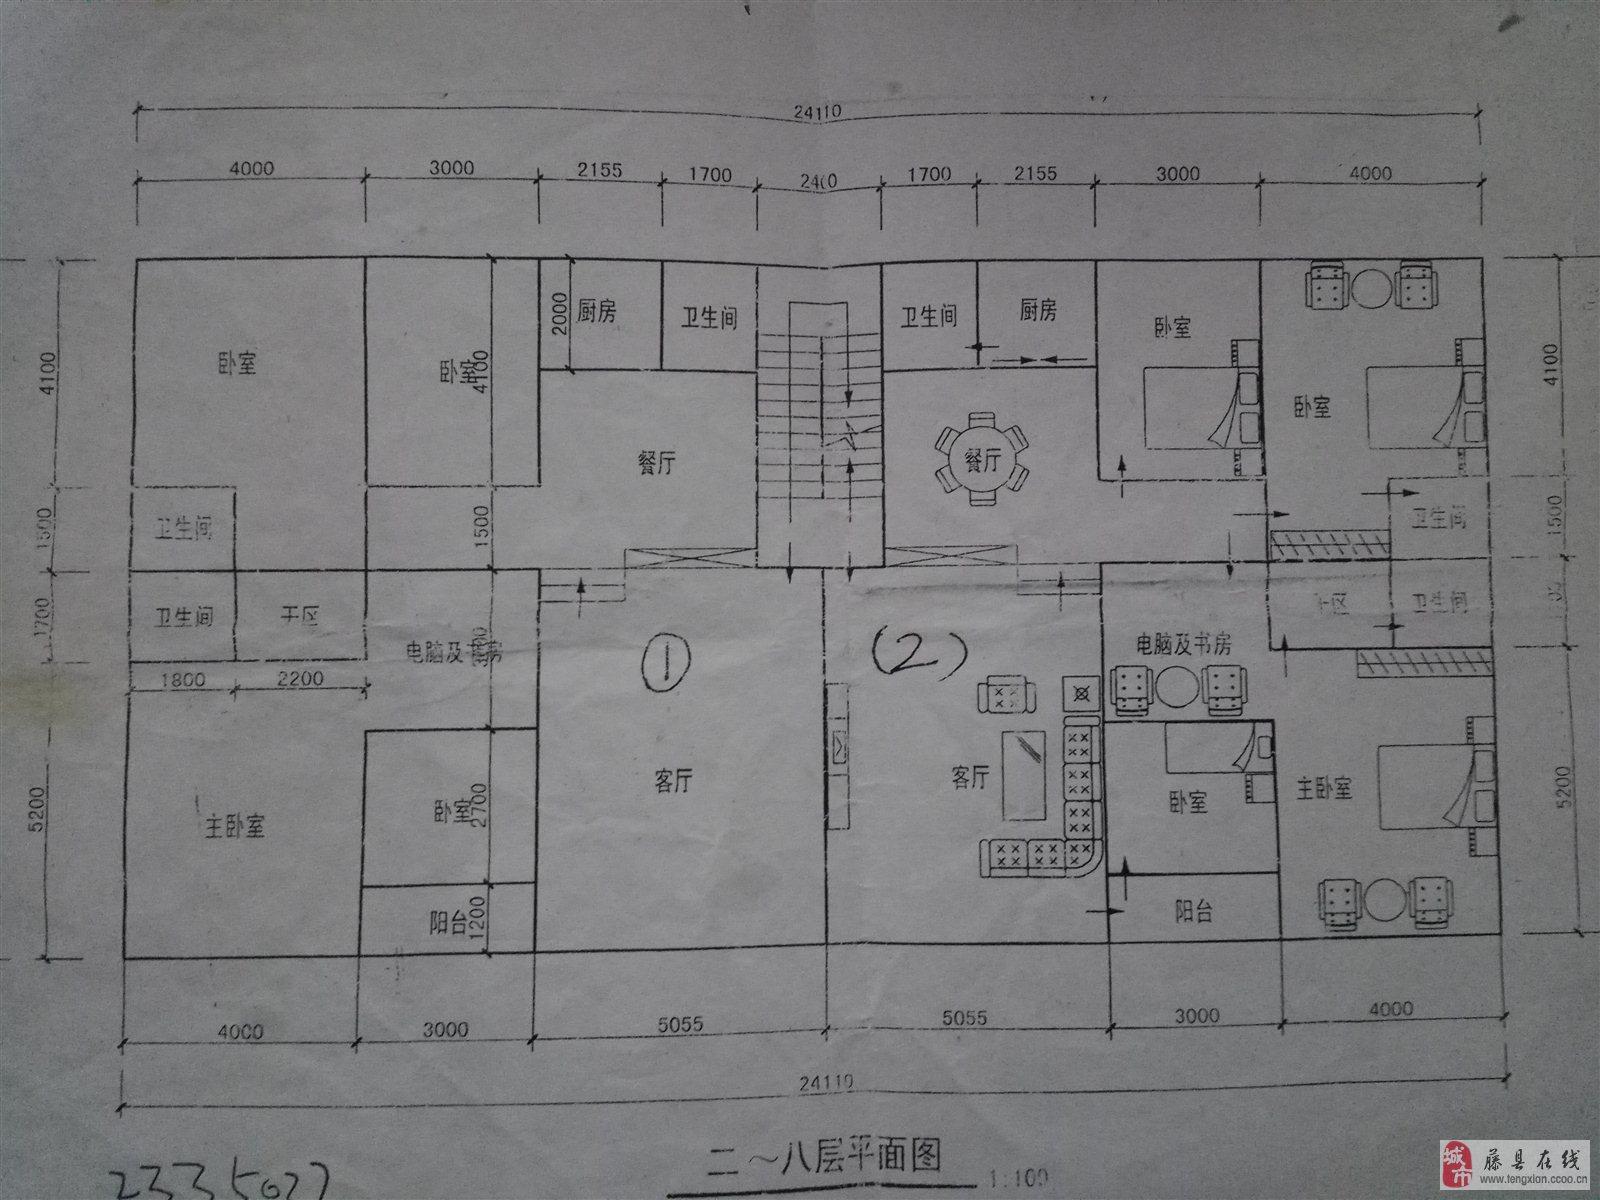 7米宽13米长房屋设计图